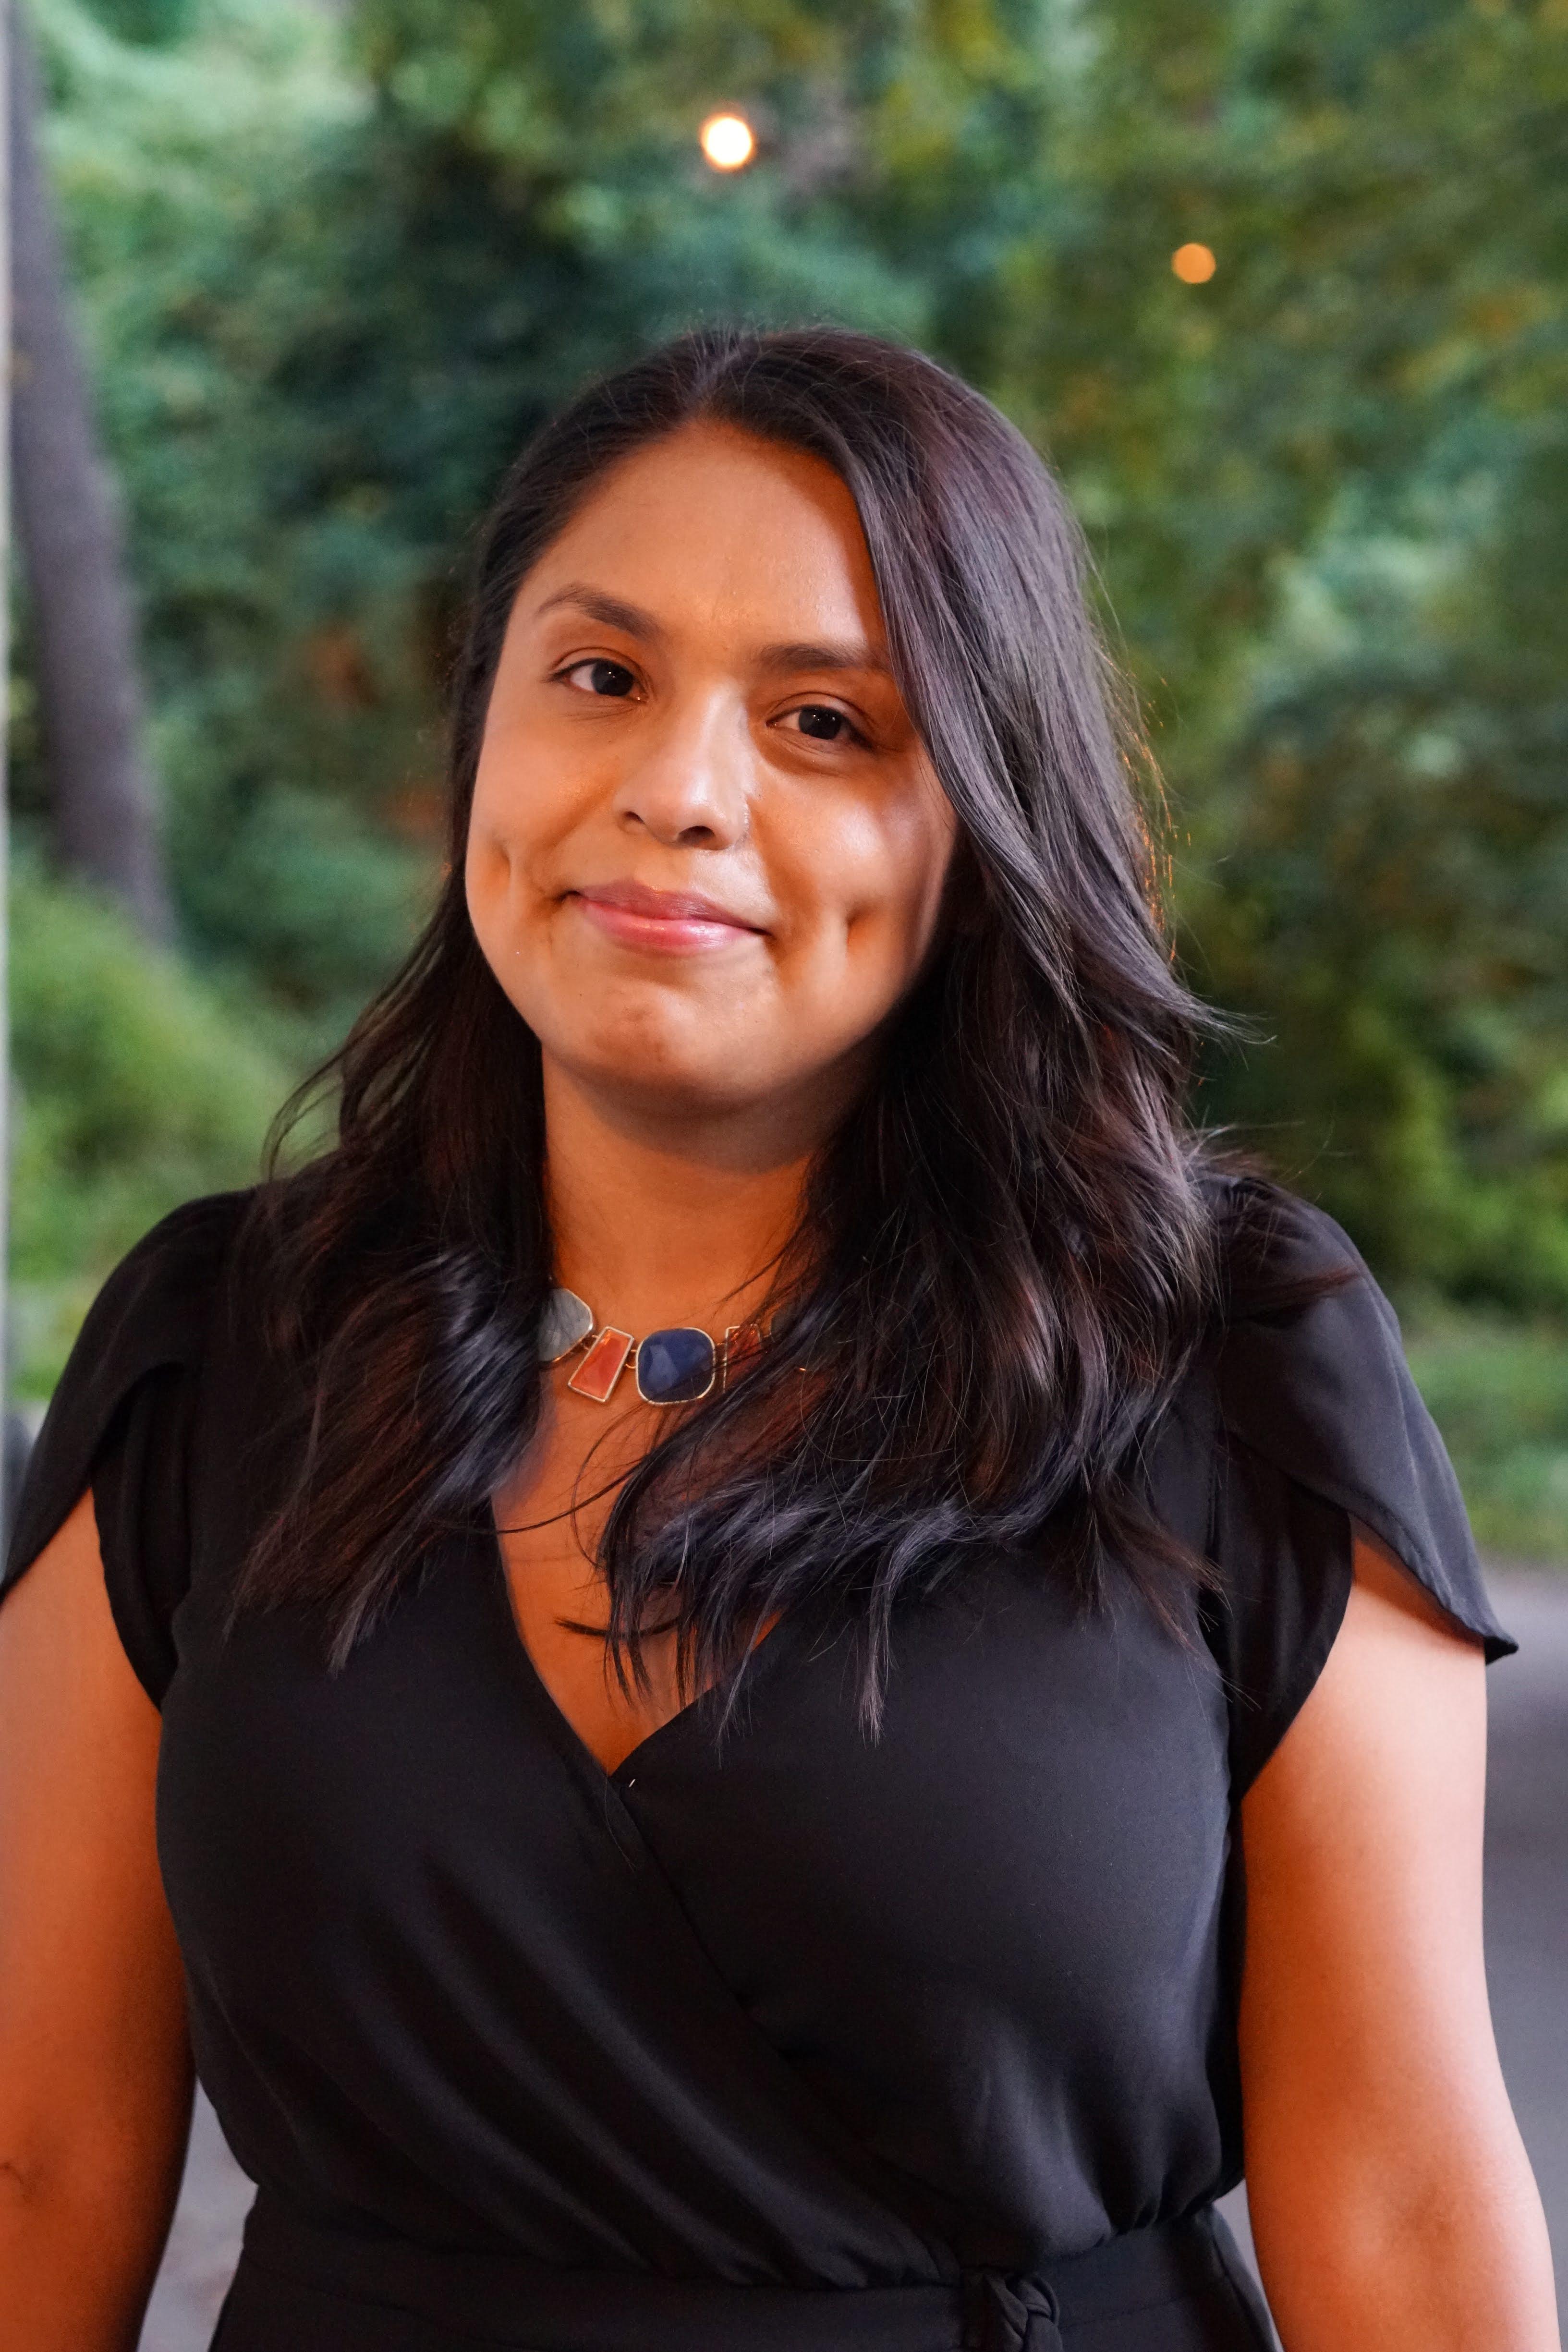 Jessica Tamayo